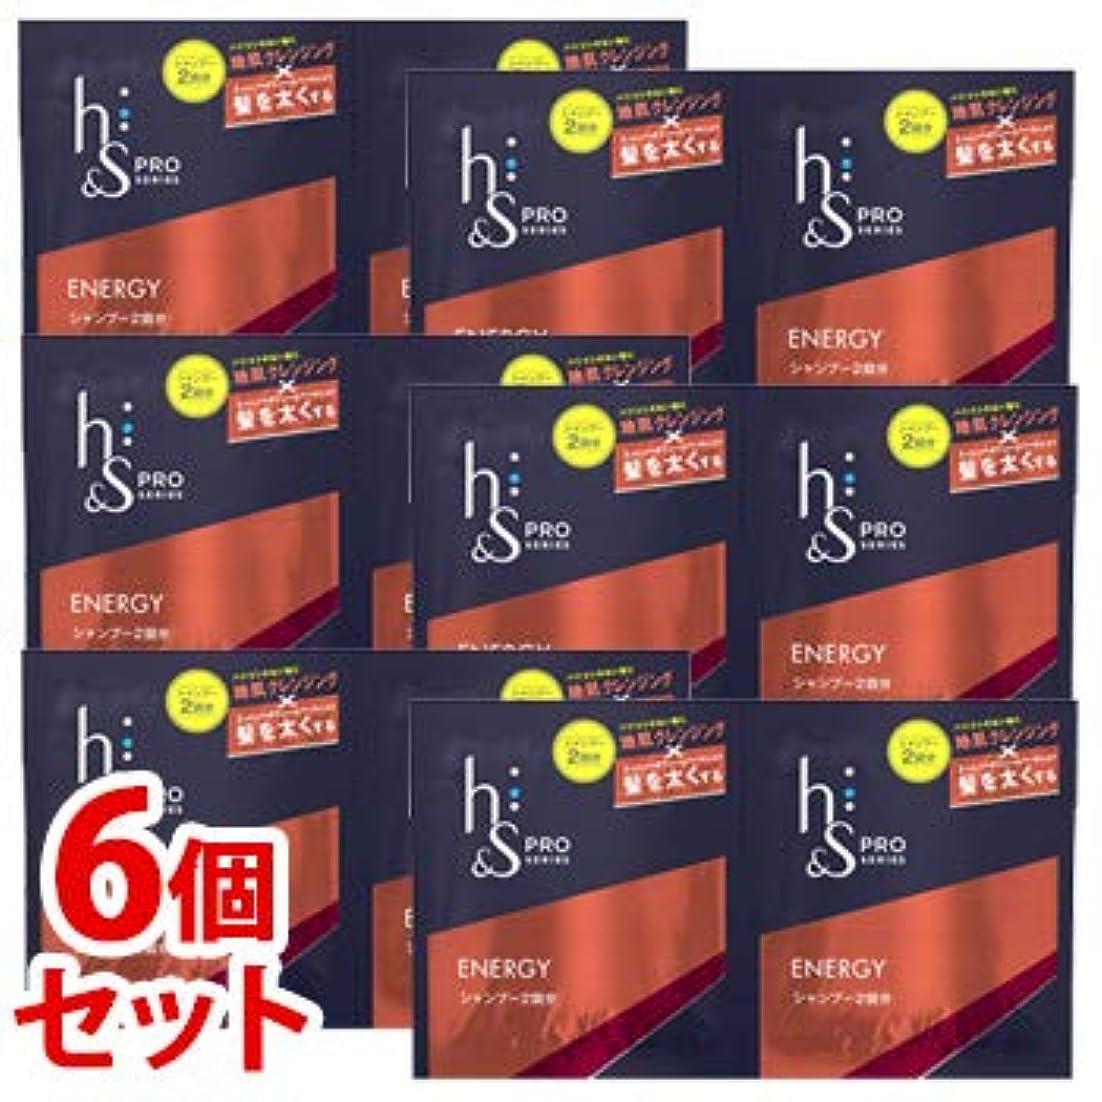 工業化するスツールいま《セット販売》 P&G エイチアンドエス h&s フォーメン プロシリーズ エナジー シャンプー トライアルサシェ 2回分 (12mL×2個)×6個セット 【医薬部外品】